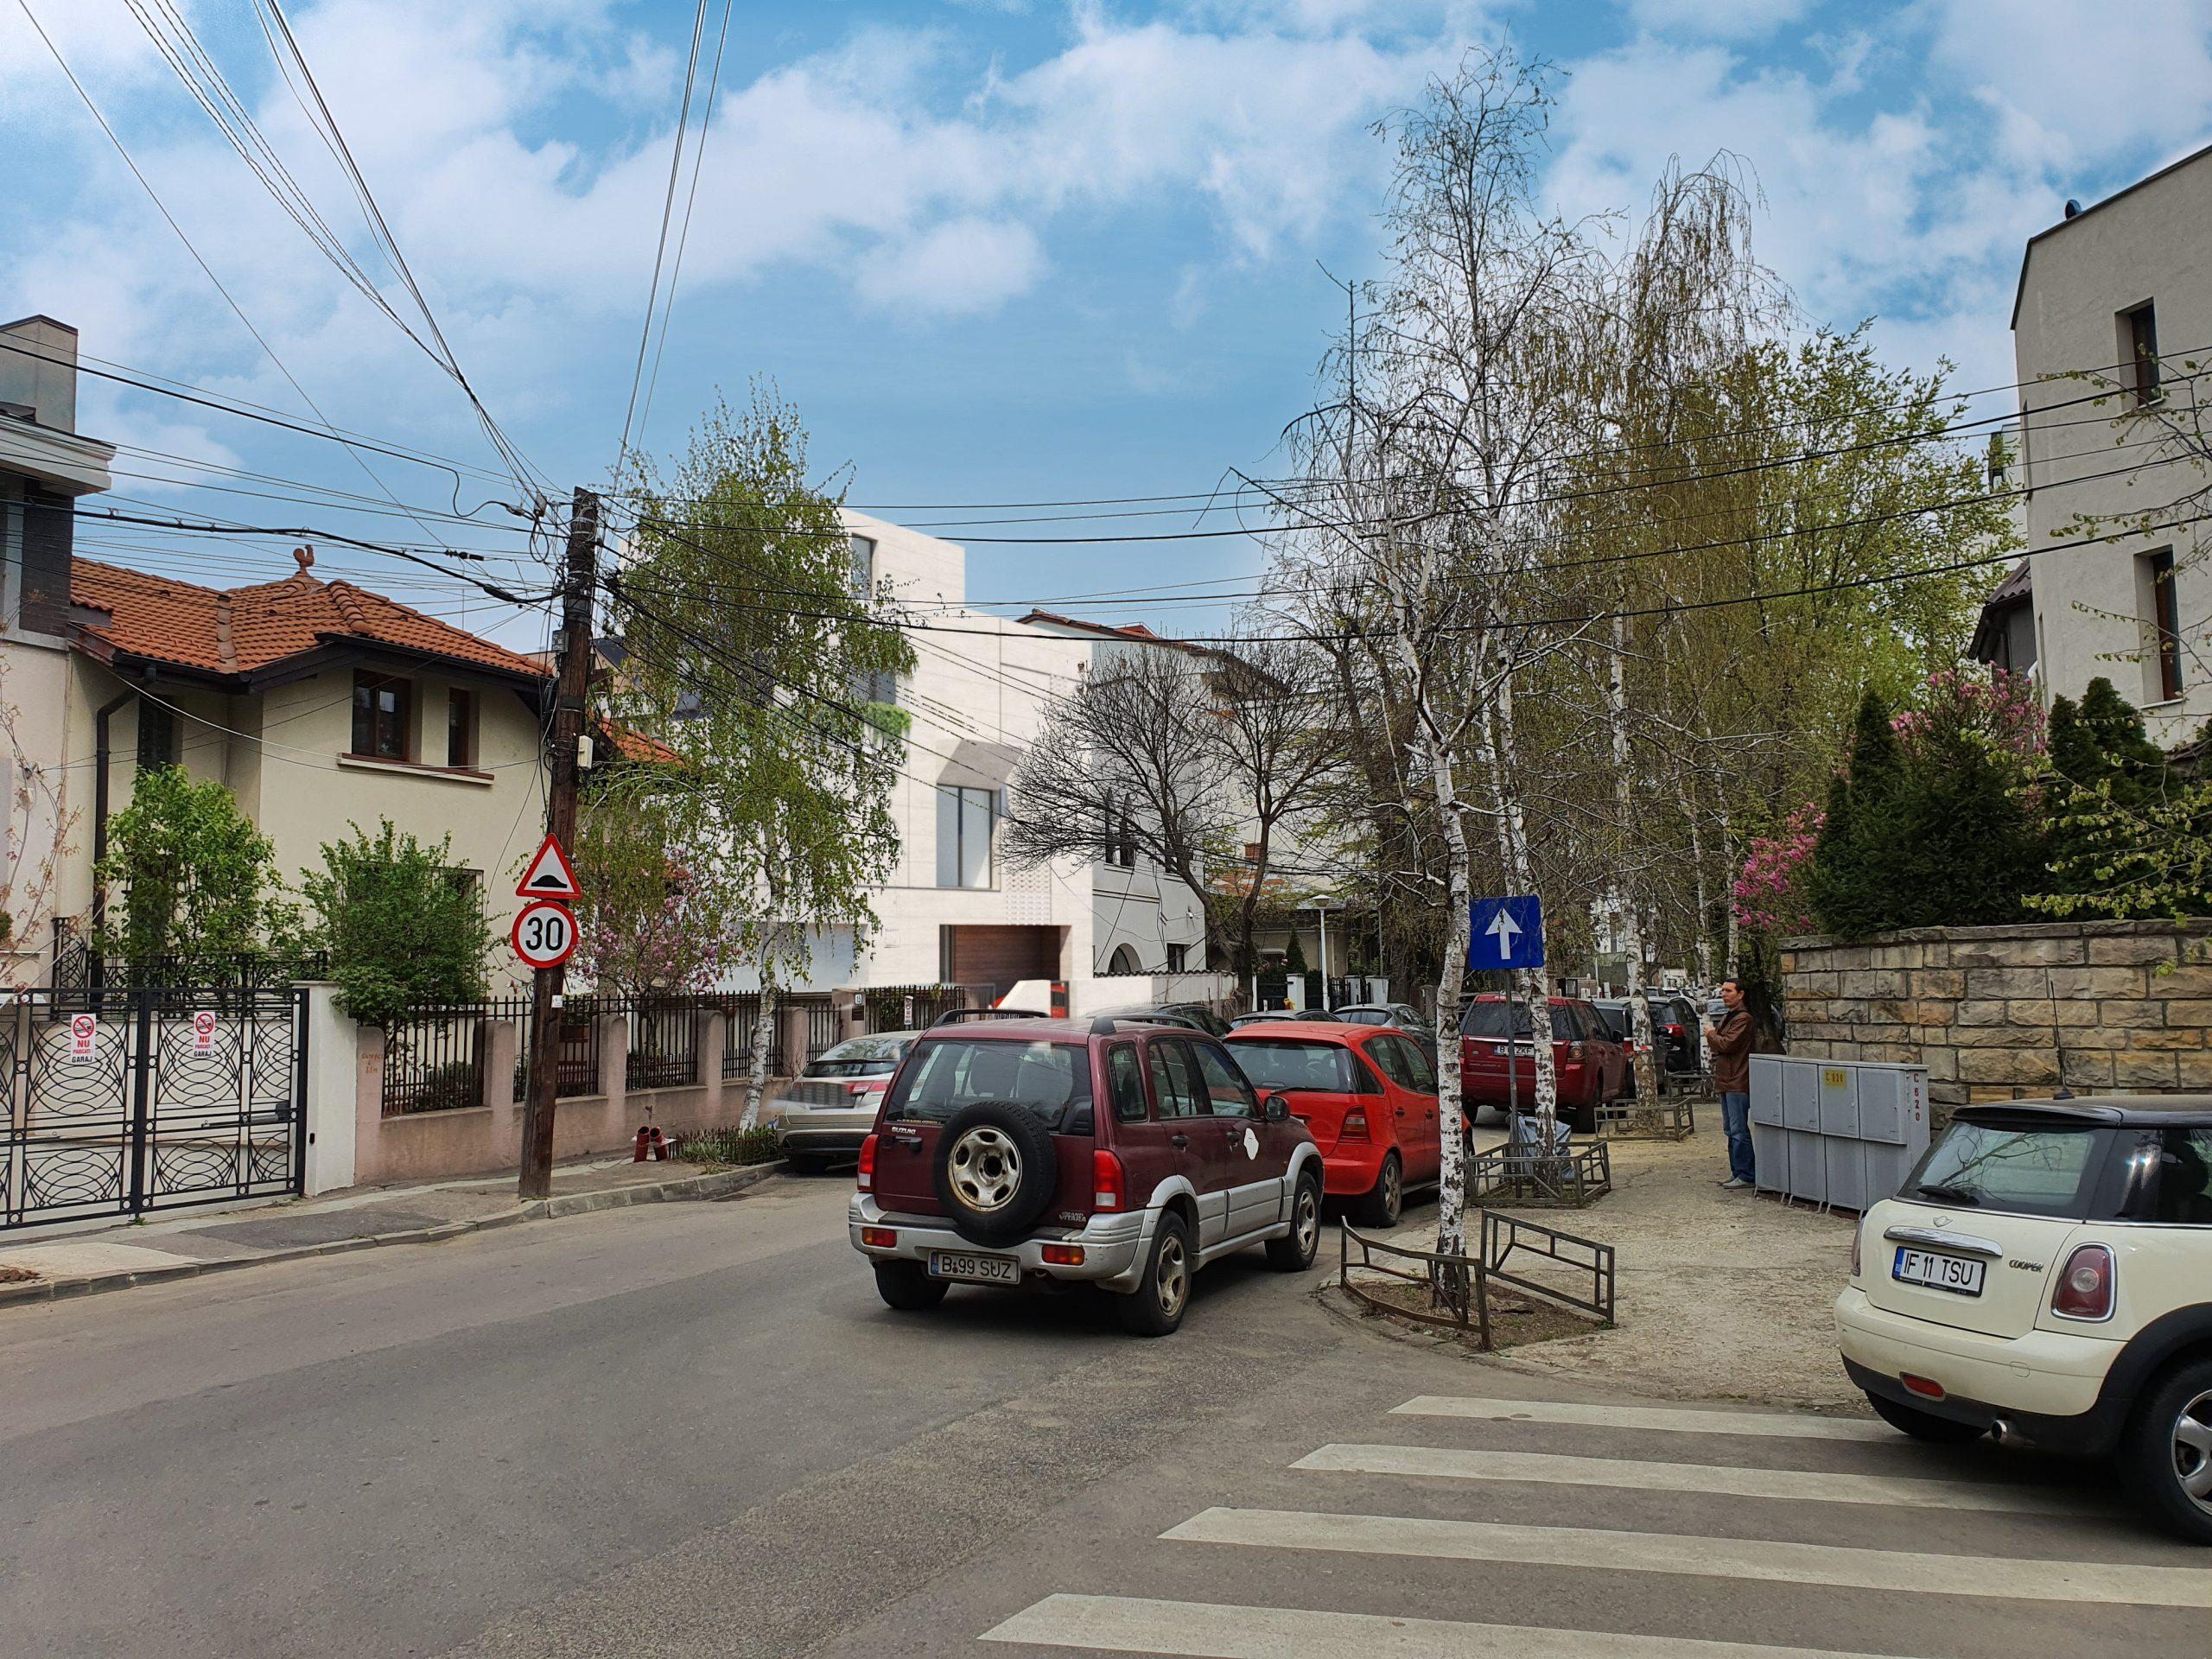 https://nbc-arhitect.ro/wp-content/uploads/2020/10/NBC-Arhitect-_-housing-_-17-Zori-_-Bucharest_Romania-_-13-1-scaled.jpg